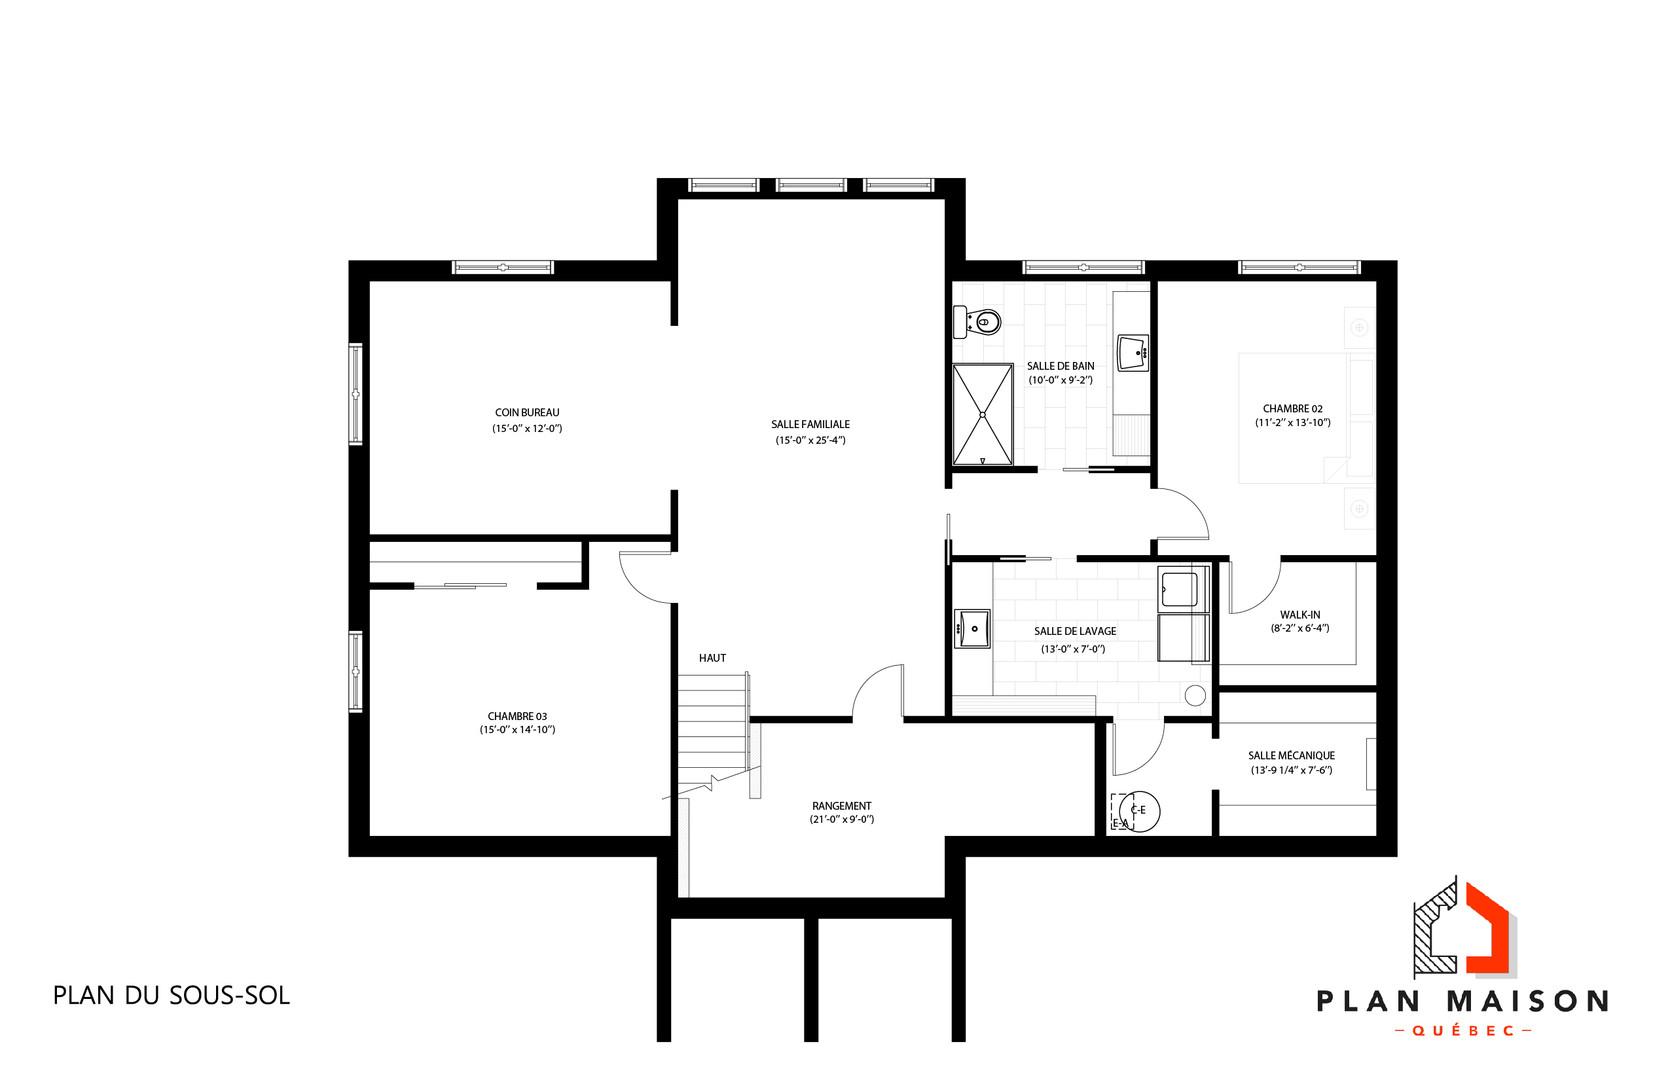 plan maison un etage